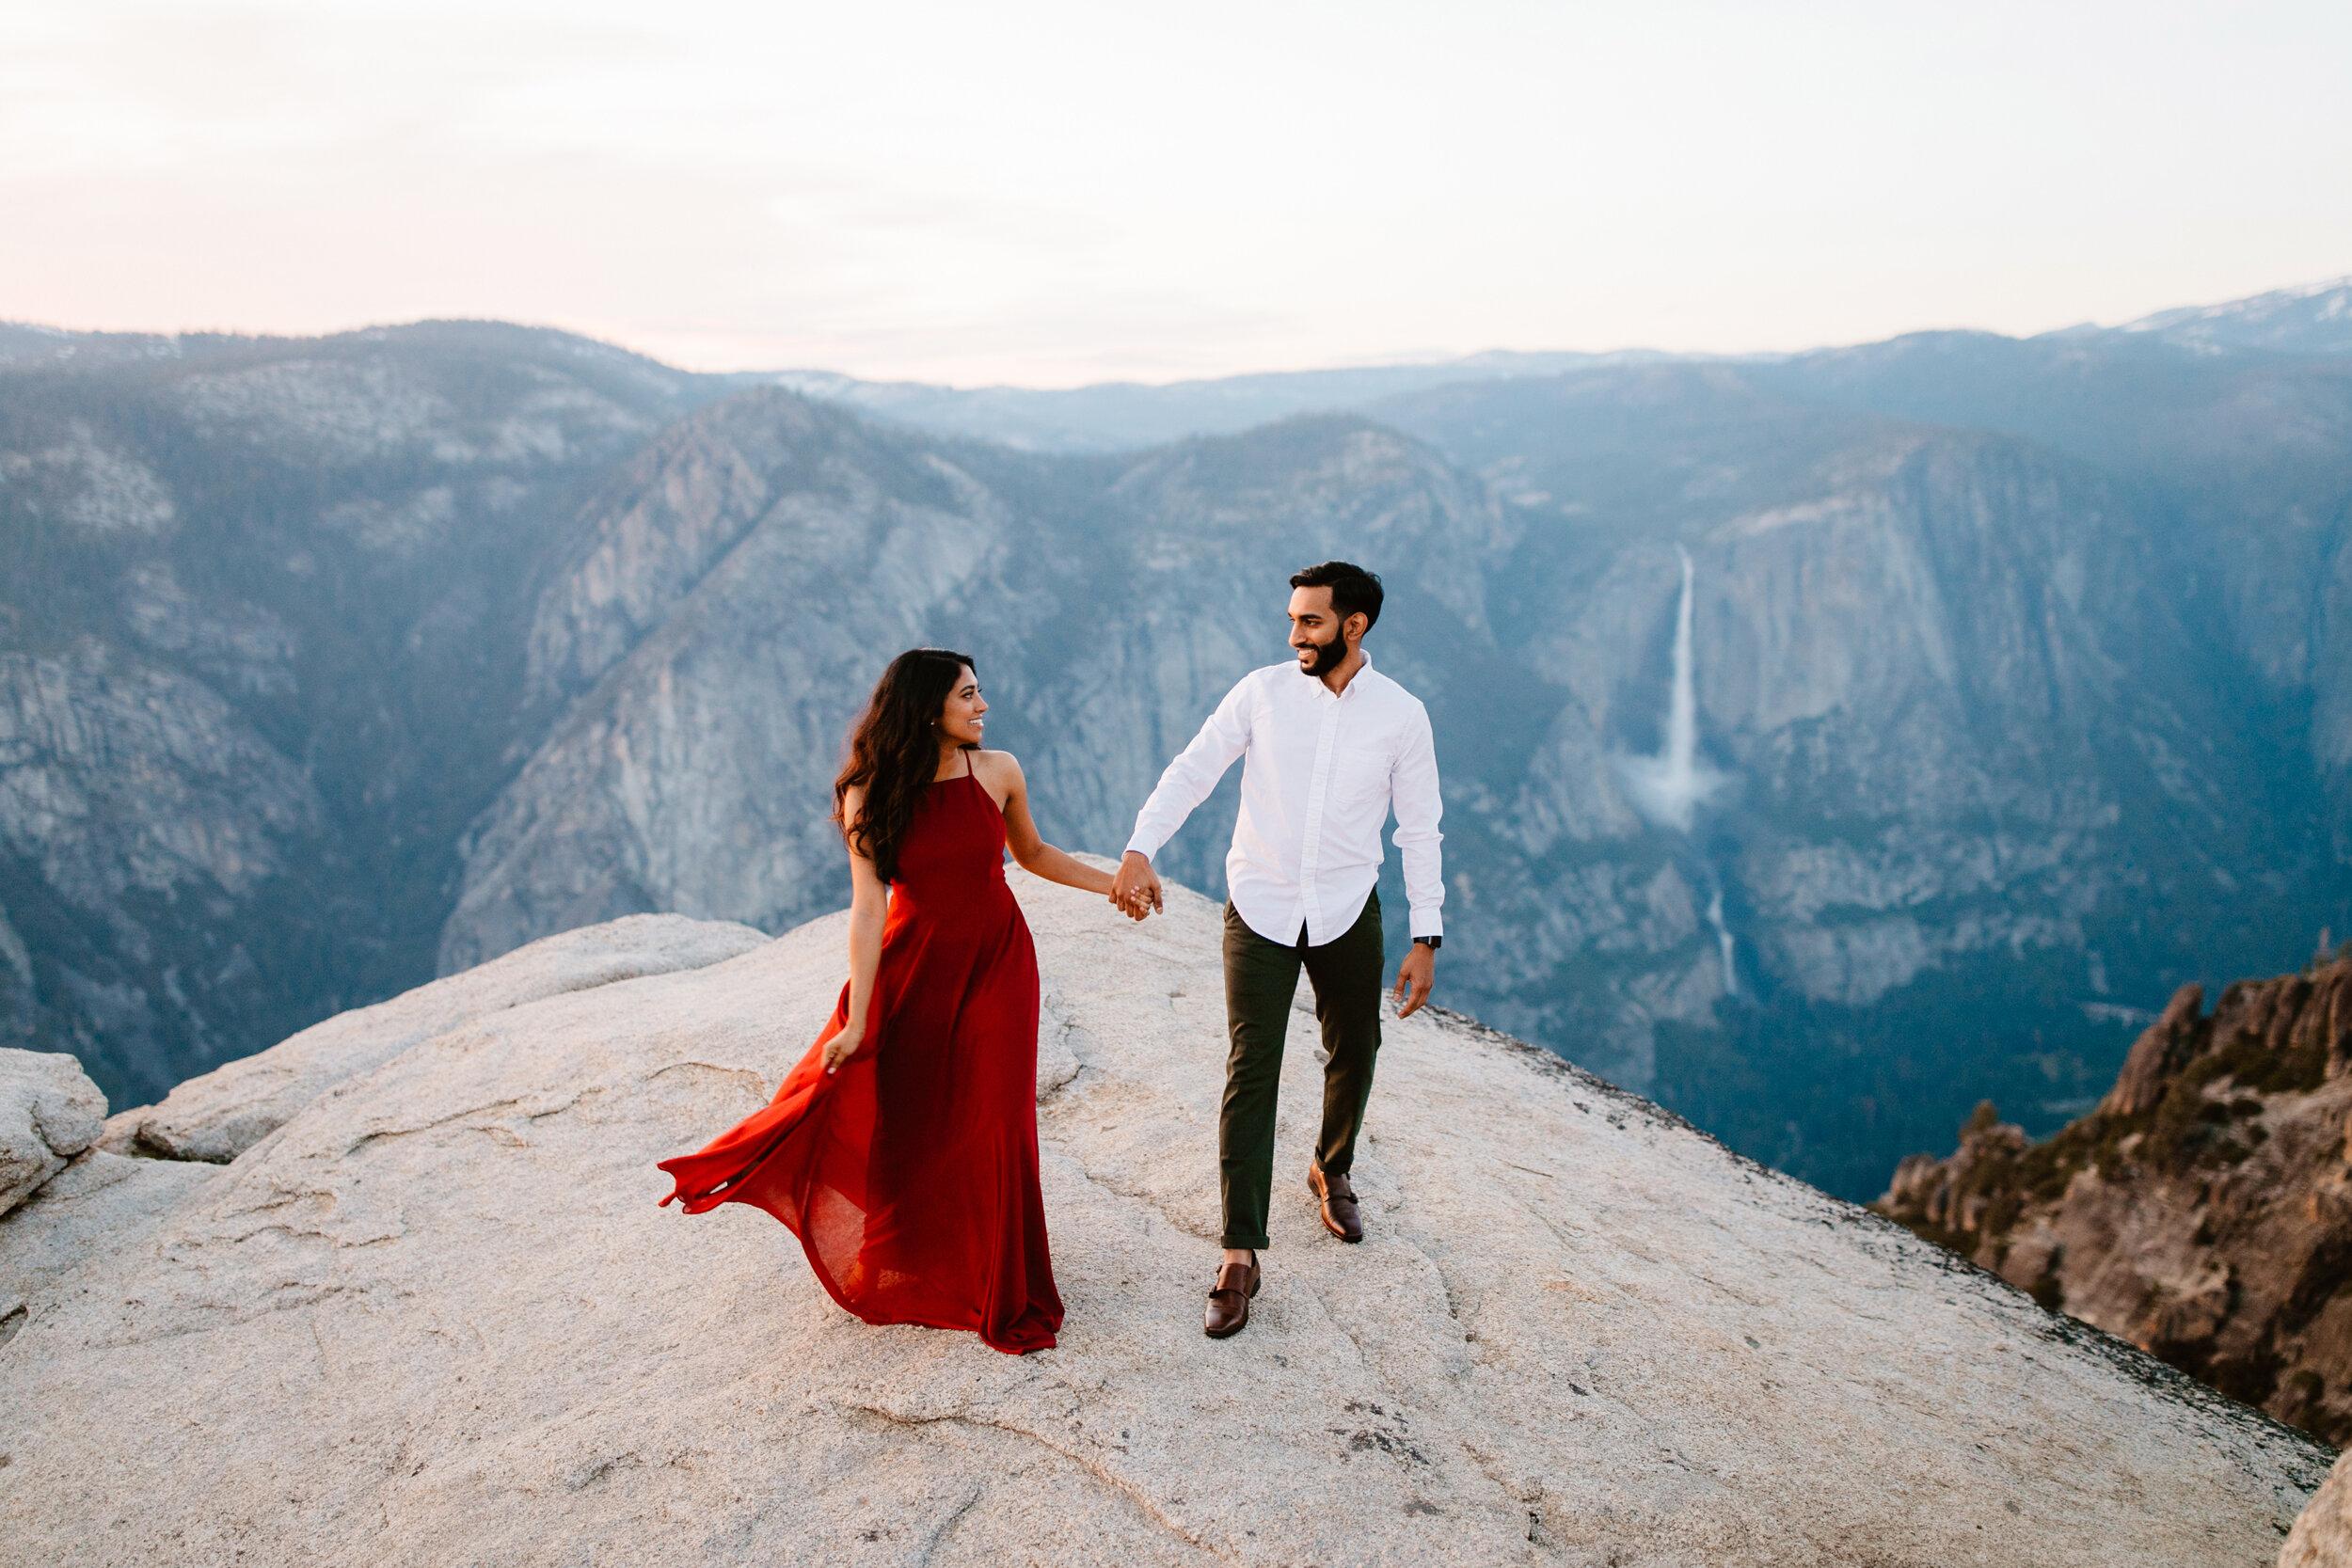 Yosemite-adventure-engagement-photographer 149.jpg